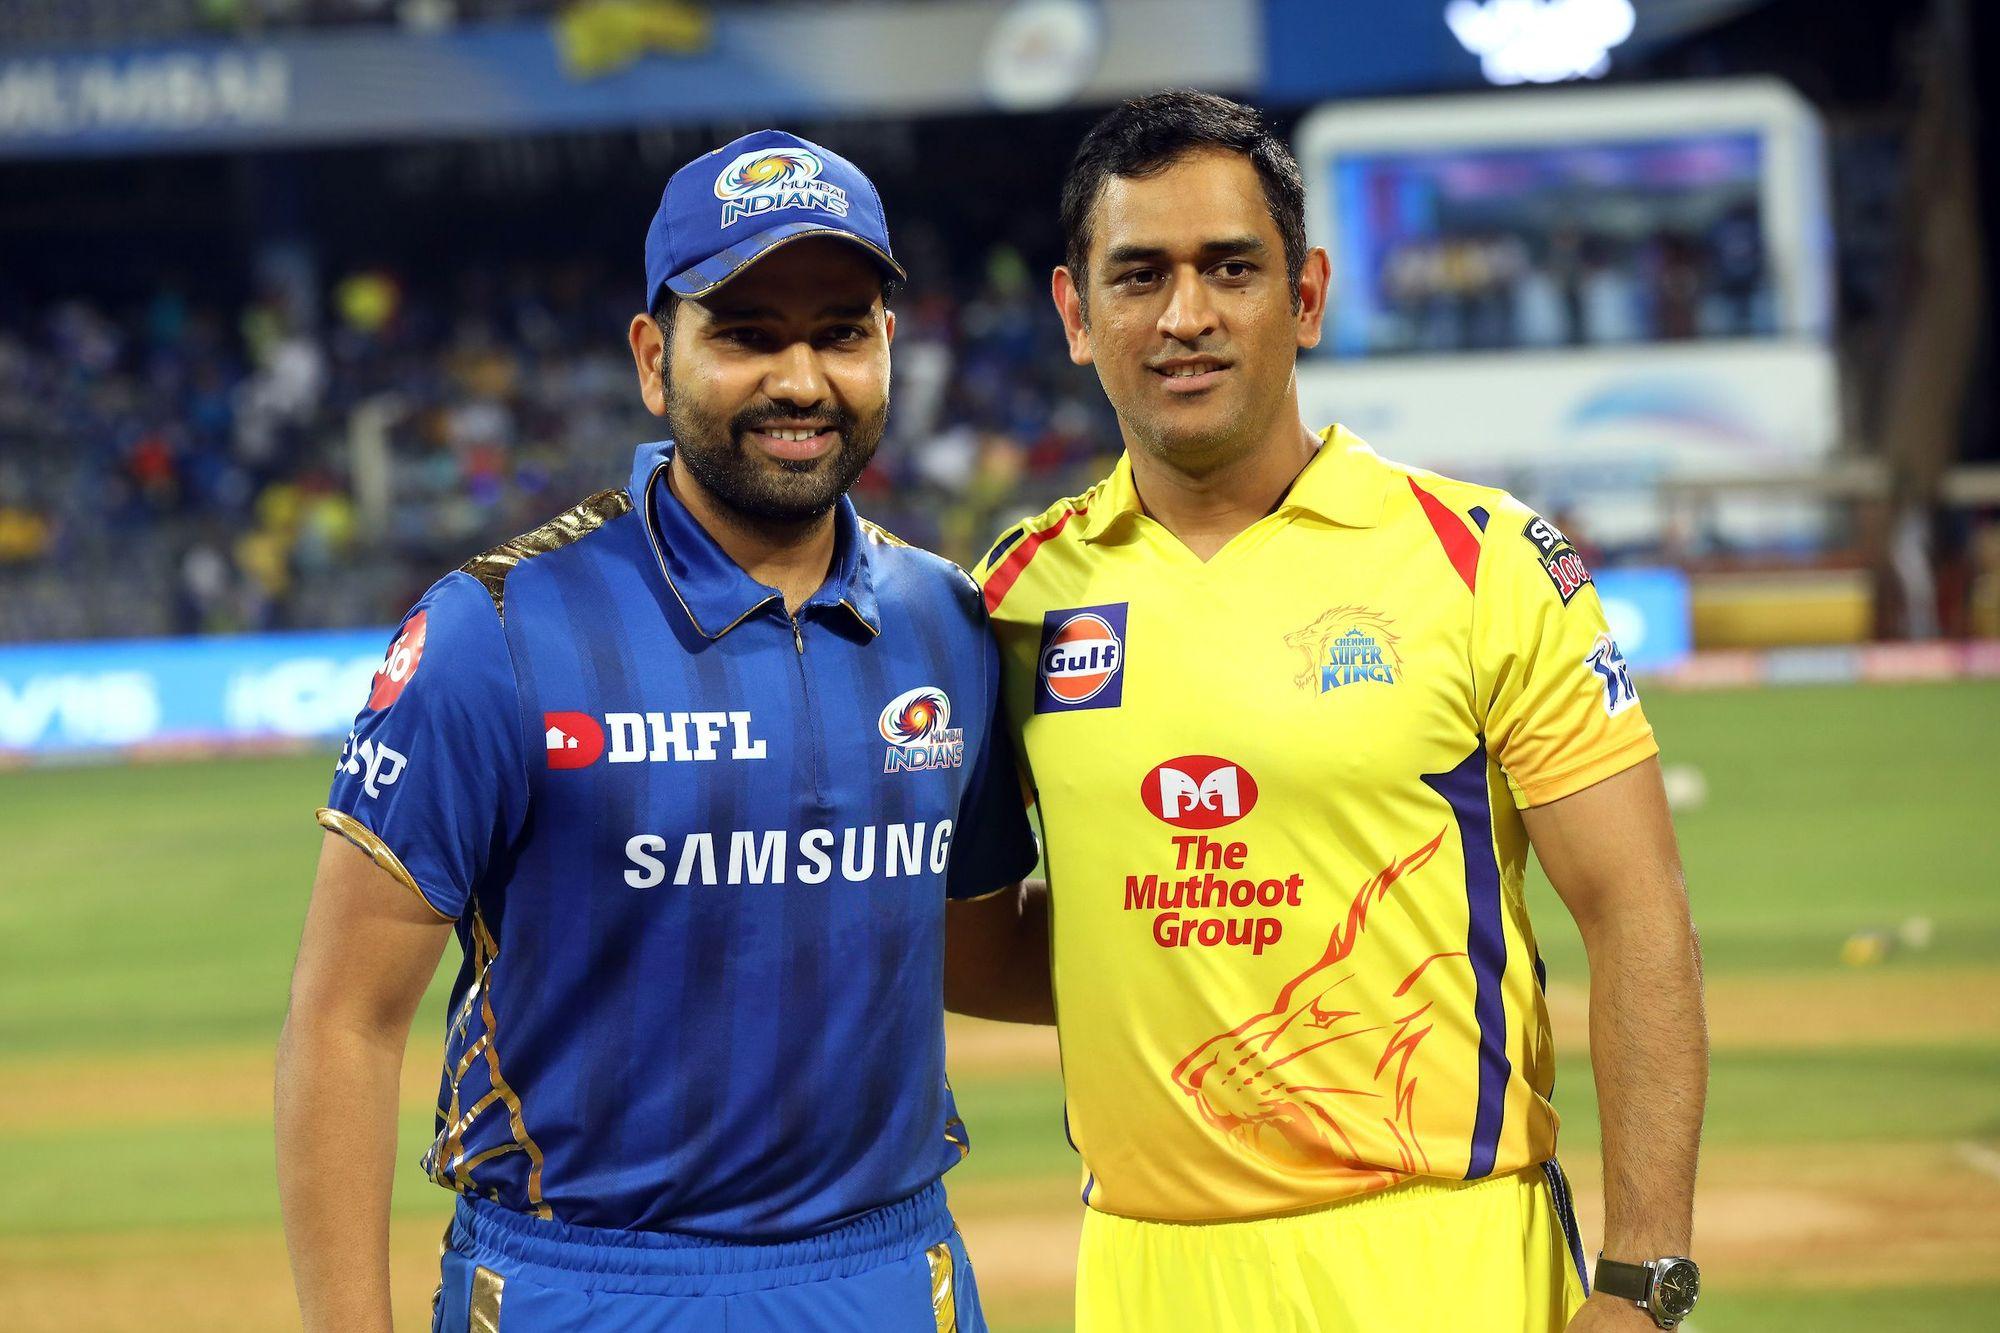 IPL 2021: আইপিএলের প্রতিটা টিমের একজন ক্রিকেটার যিনি এই বছর MVP ক্রিকেটার হতে পারে 2